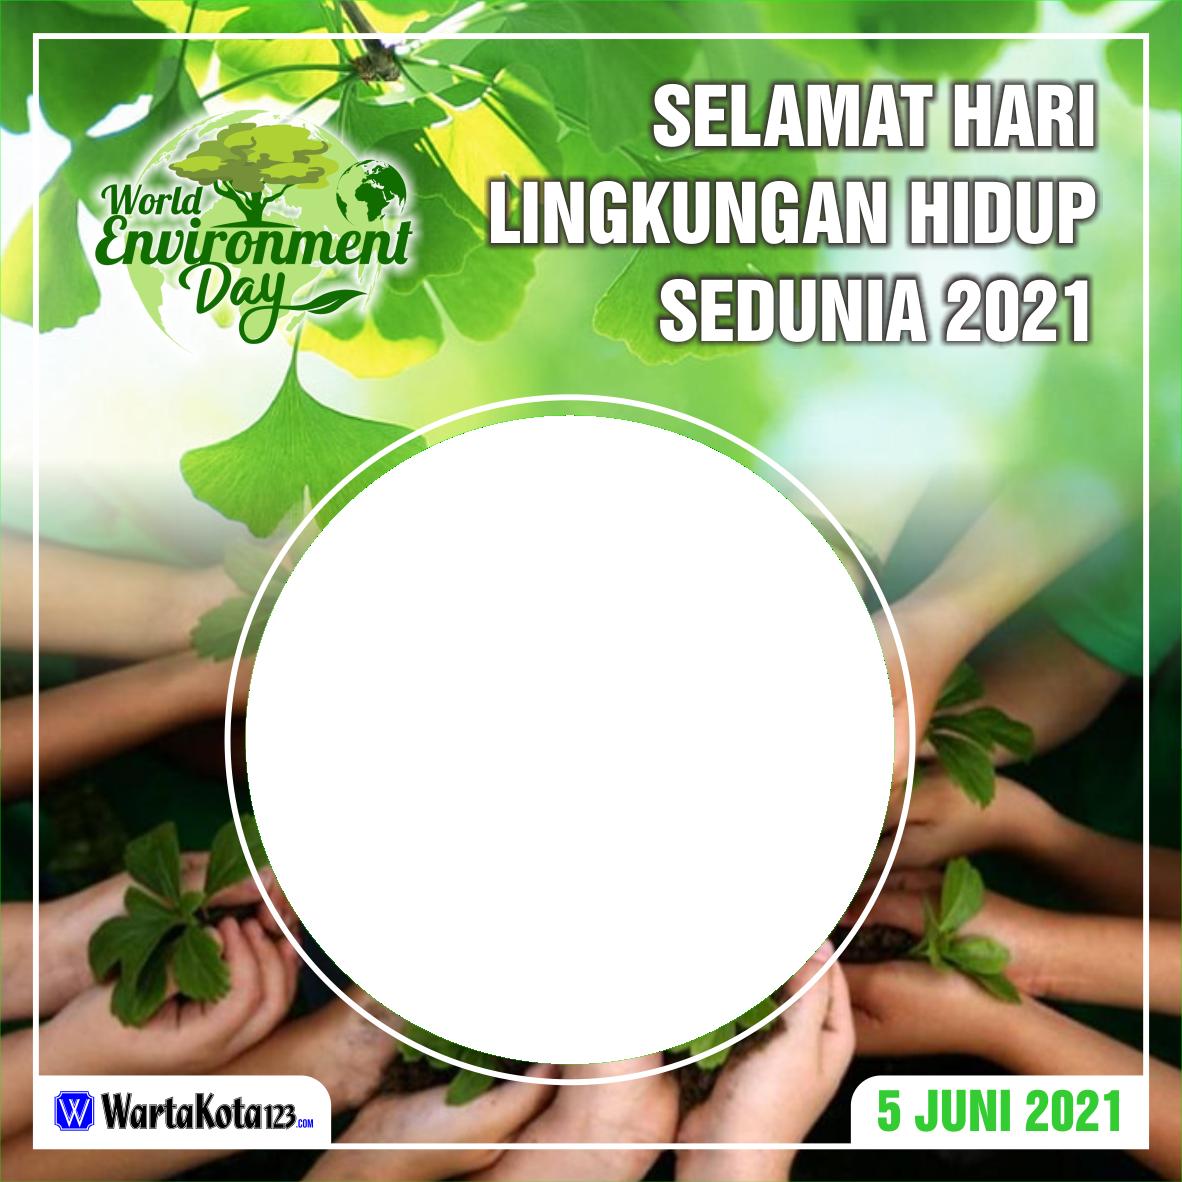 Twibbon Hari Lingkungan Hidup Sedunia 2021